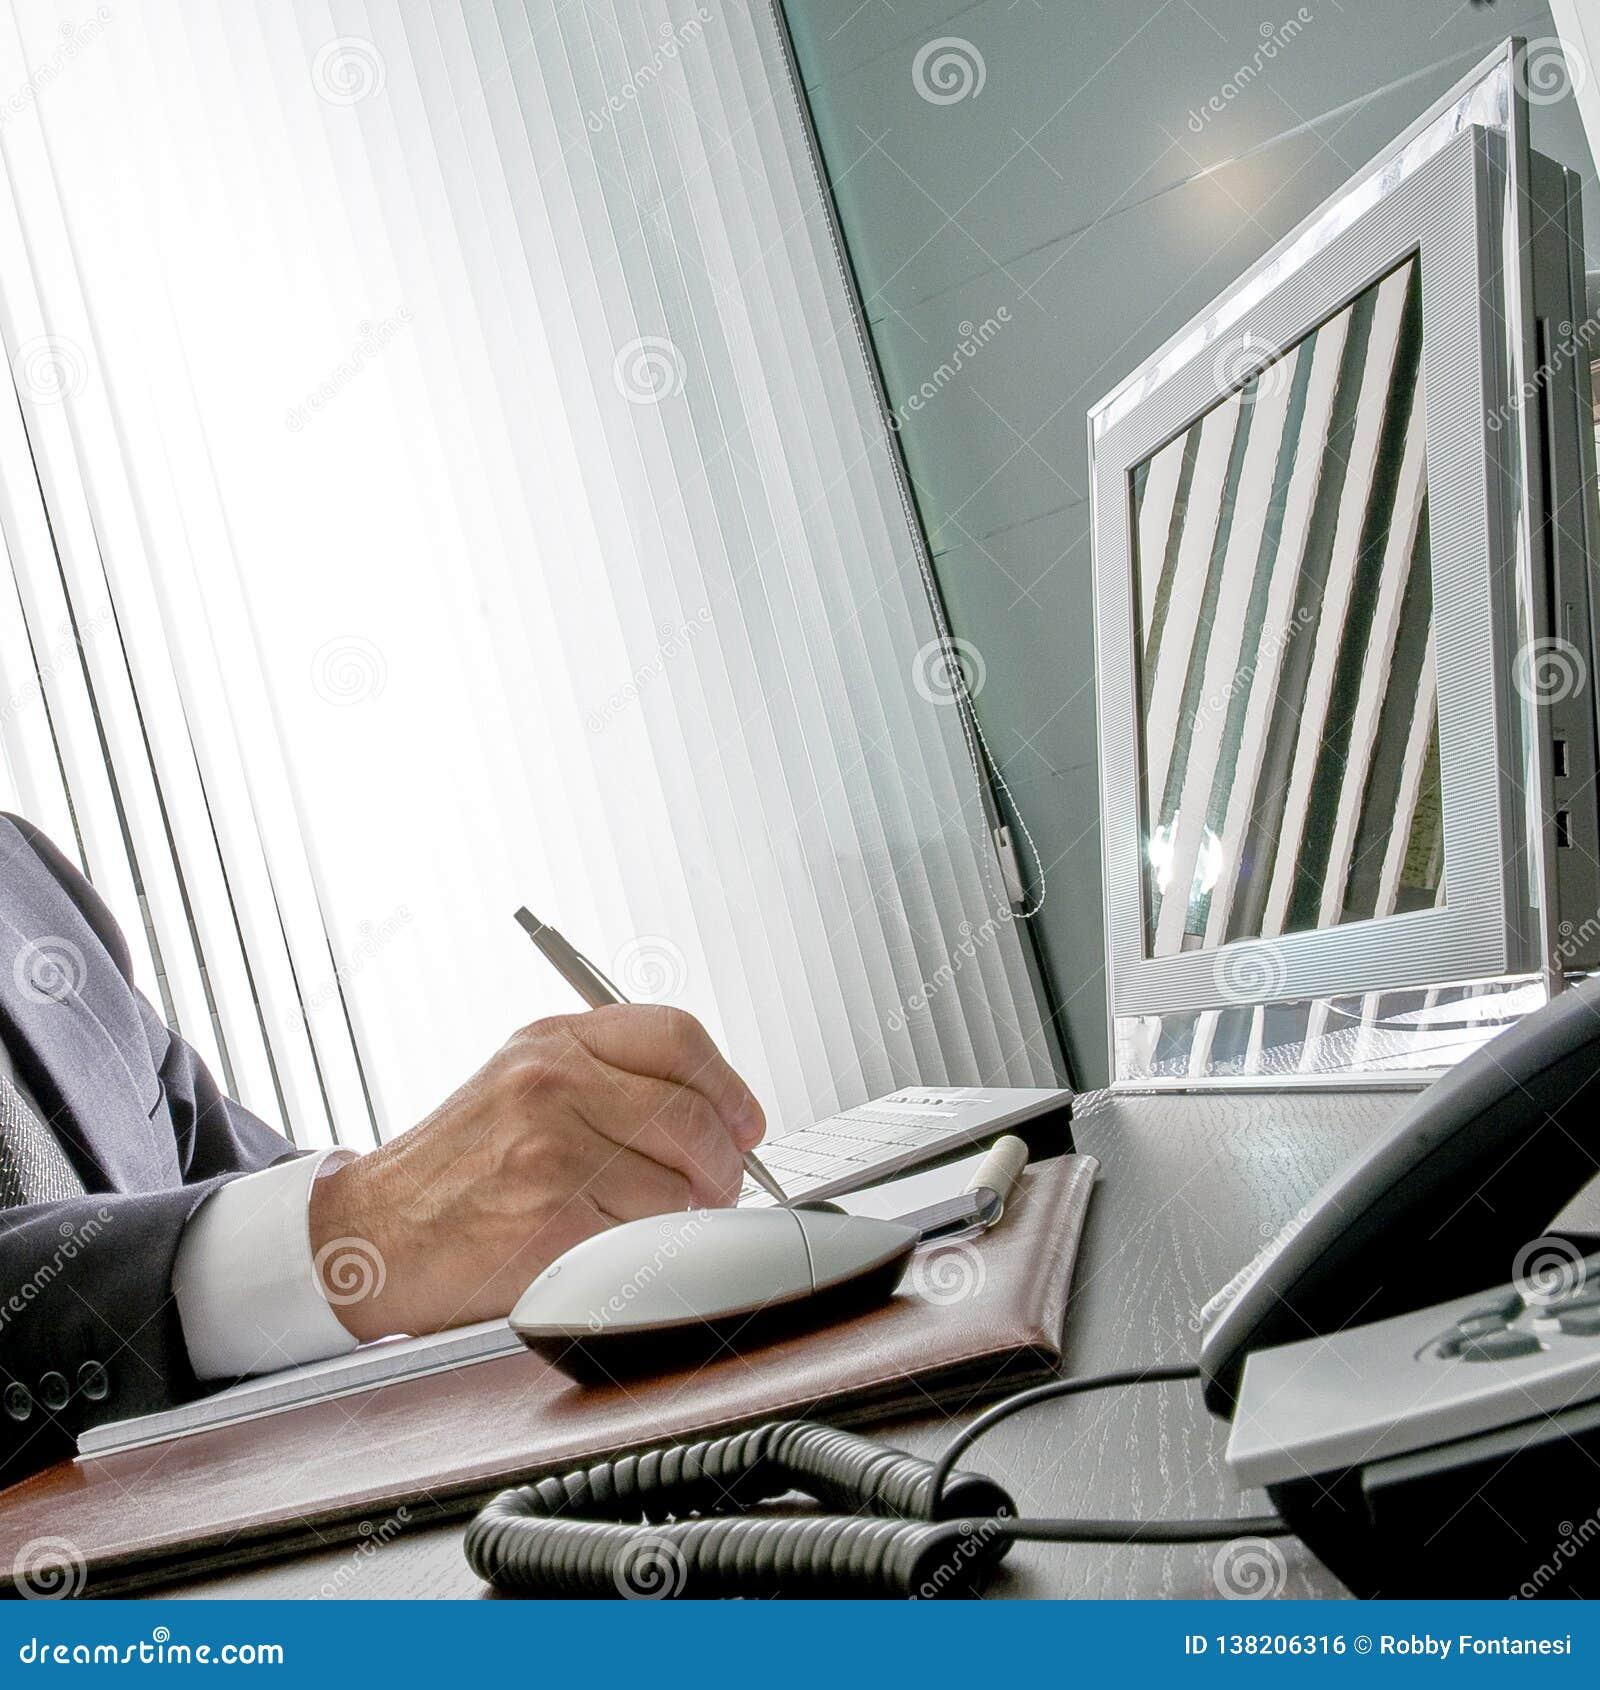 Encargado en el trabajo La mano experta de un hombre de negocios que se sienta en su escritorio, él sostiene la pluma delante de